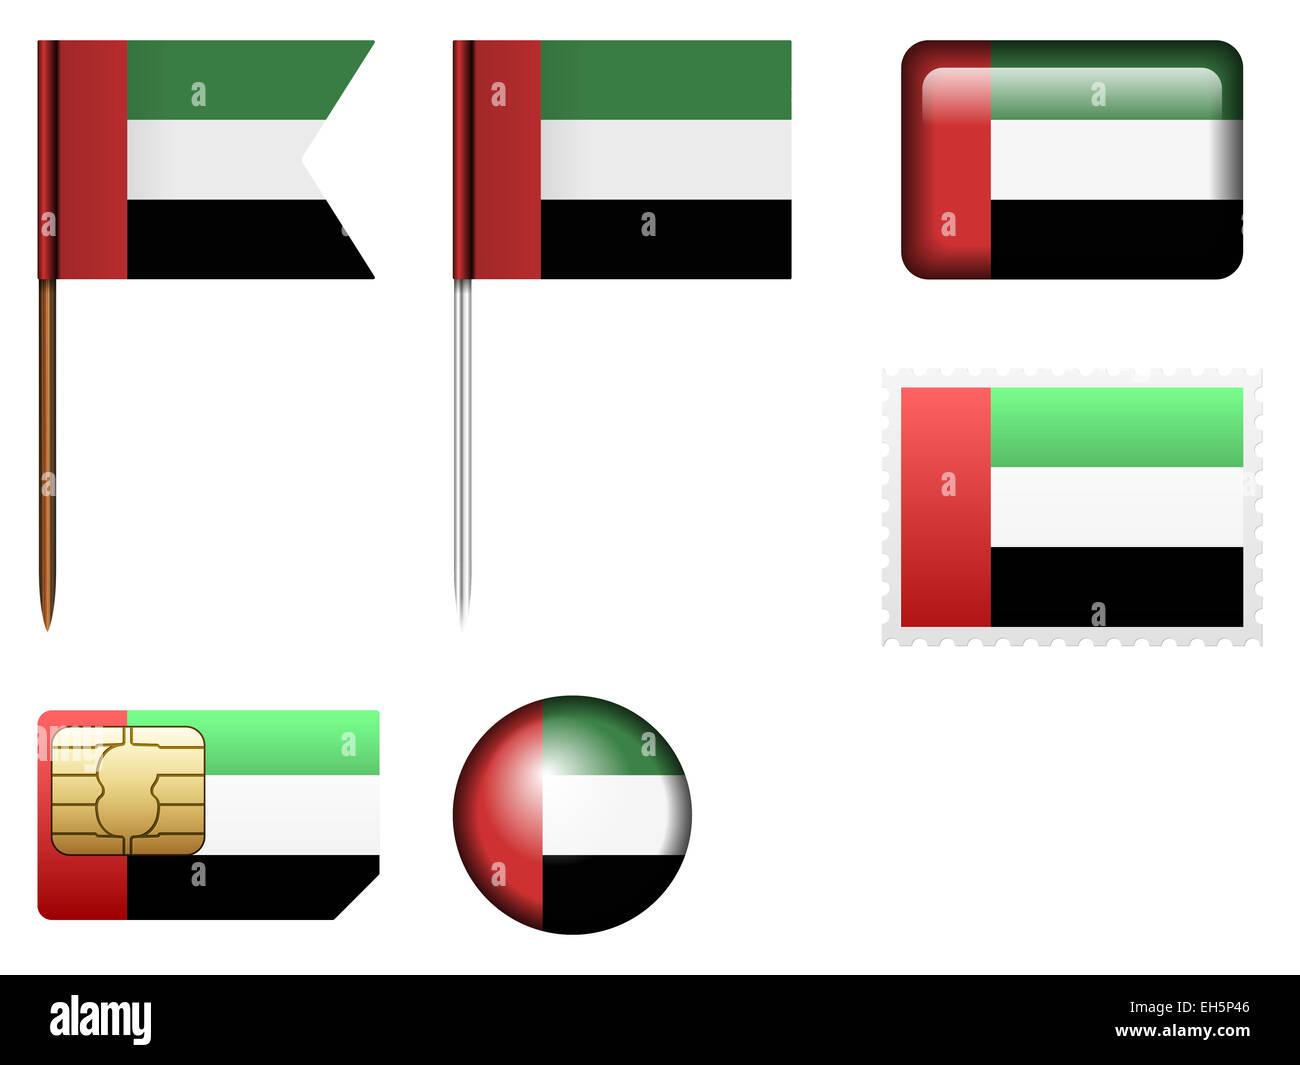 United Arab Emirates flag set on a white background. Stock Photo